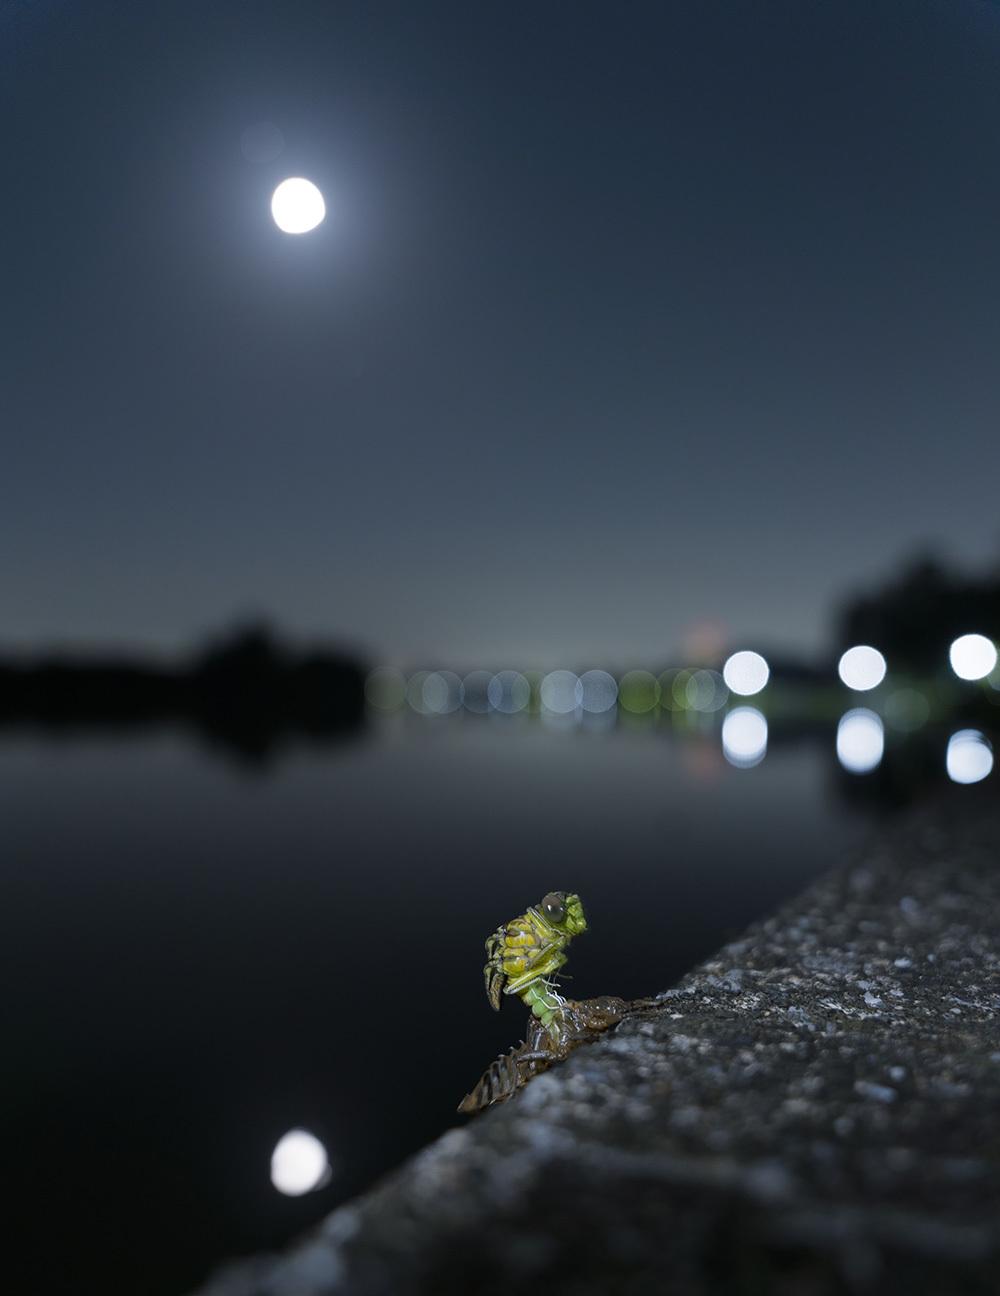 ウチワヤンマ 羽化-3 満月の翌日_f0324026_06350317.jpg